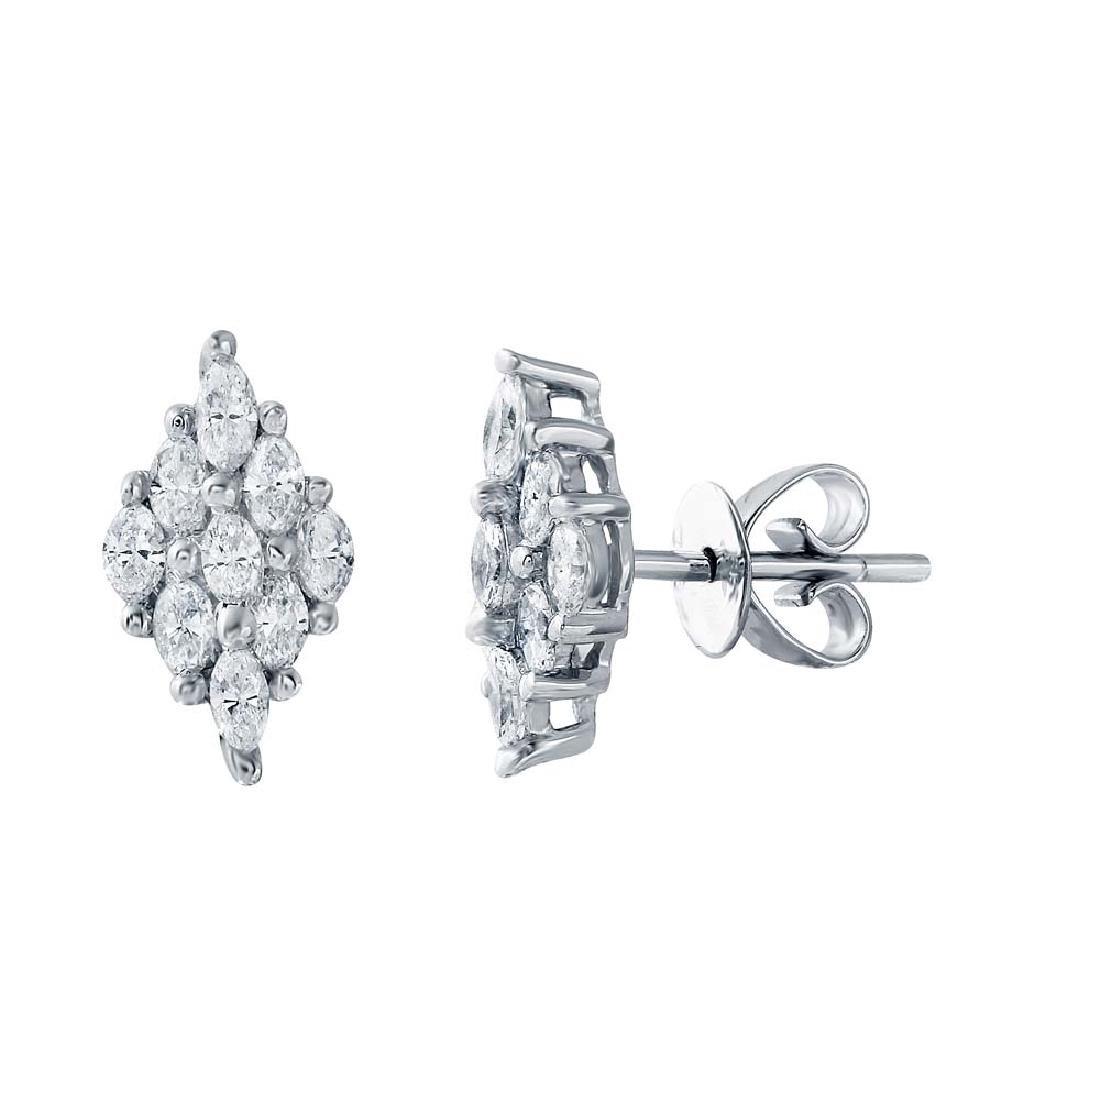 0.82 CTW Diamond Stud  Earring in 18K White Gold